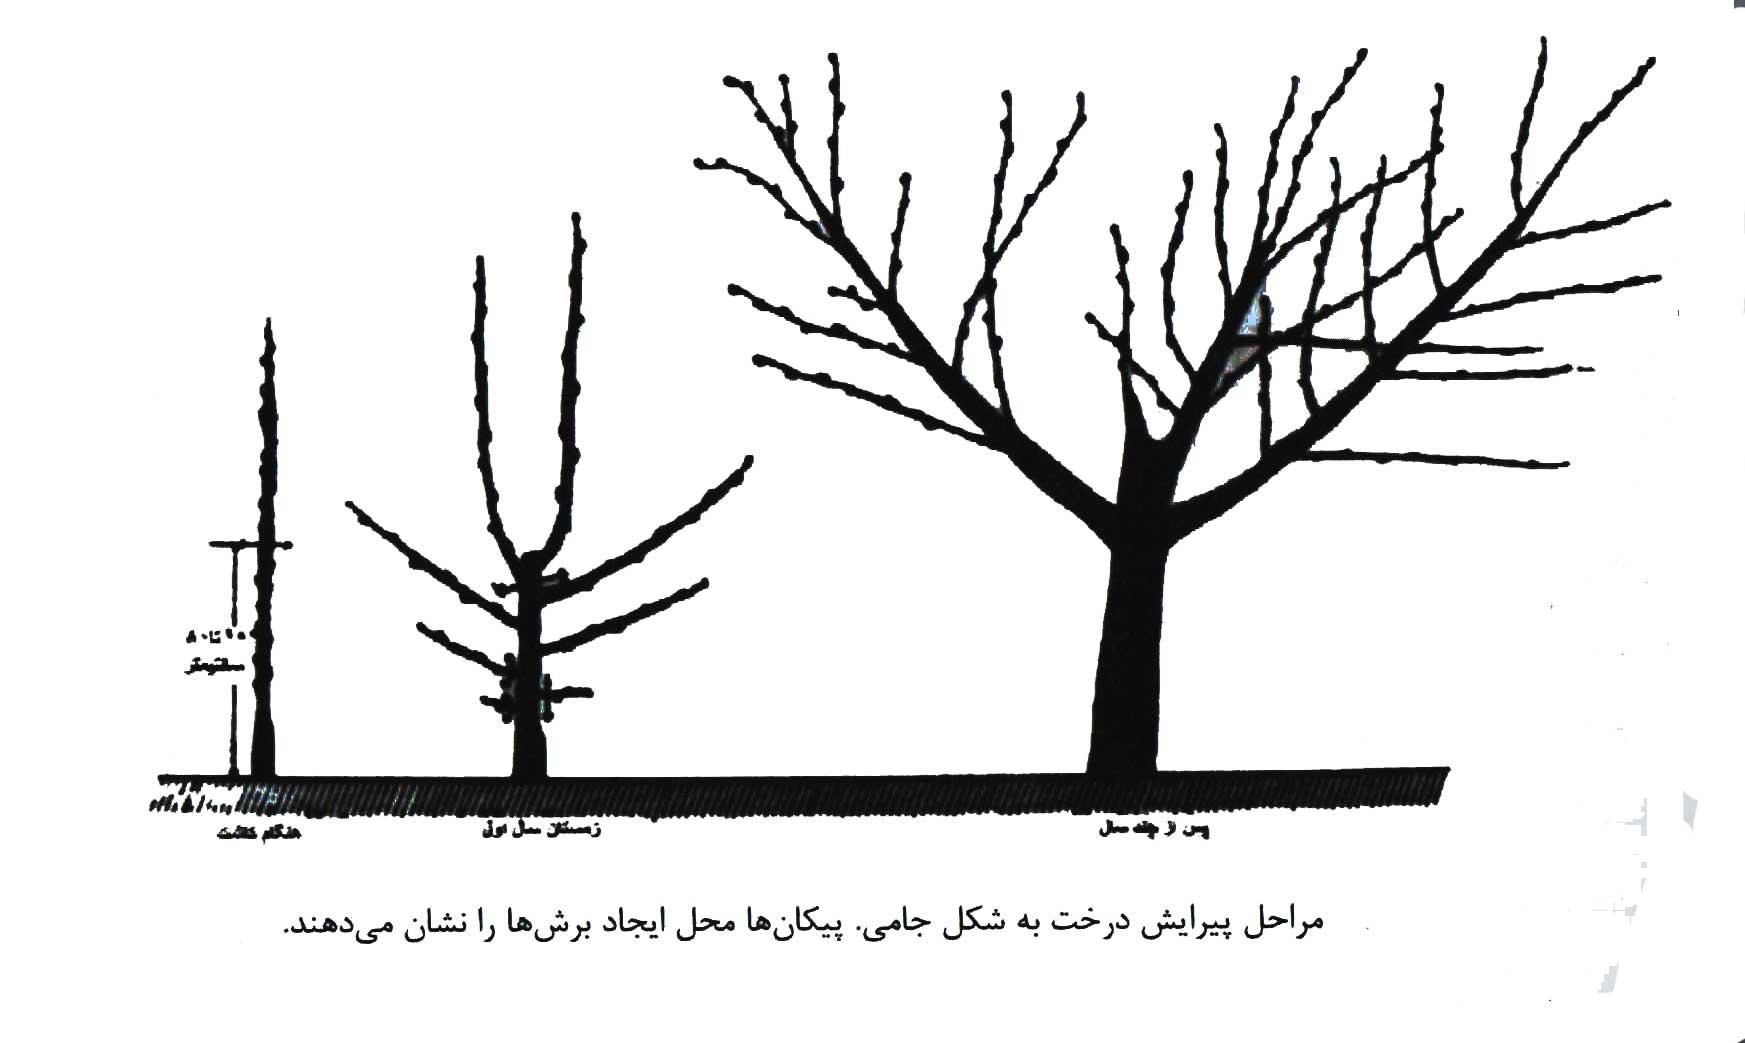 تصویر مراحل پیرایش درخت به شکل جامی